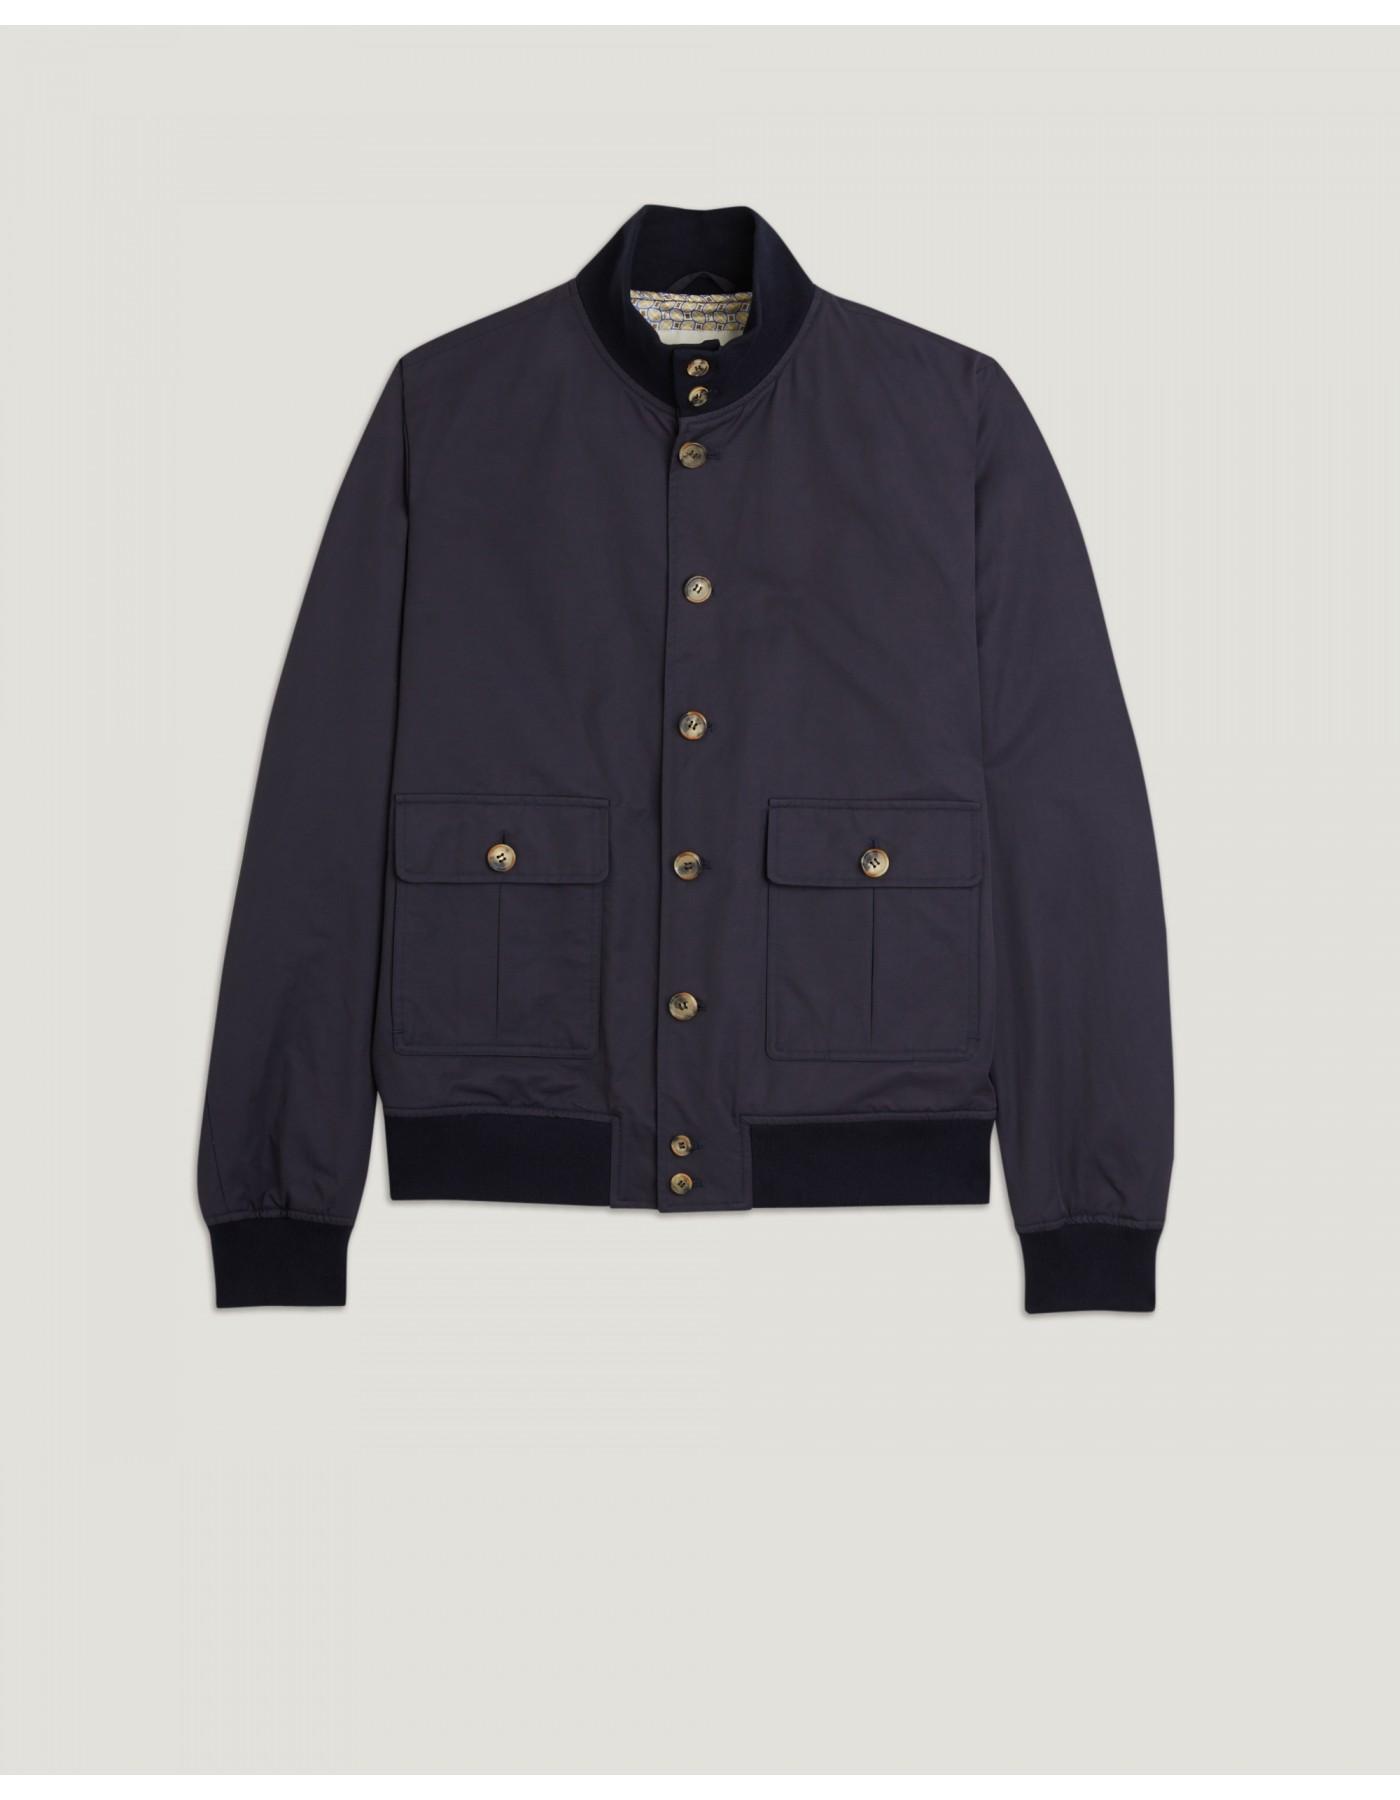 valstar_cotton_valstarino_jacket_navy_1.jpg